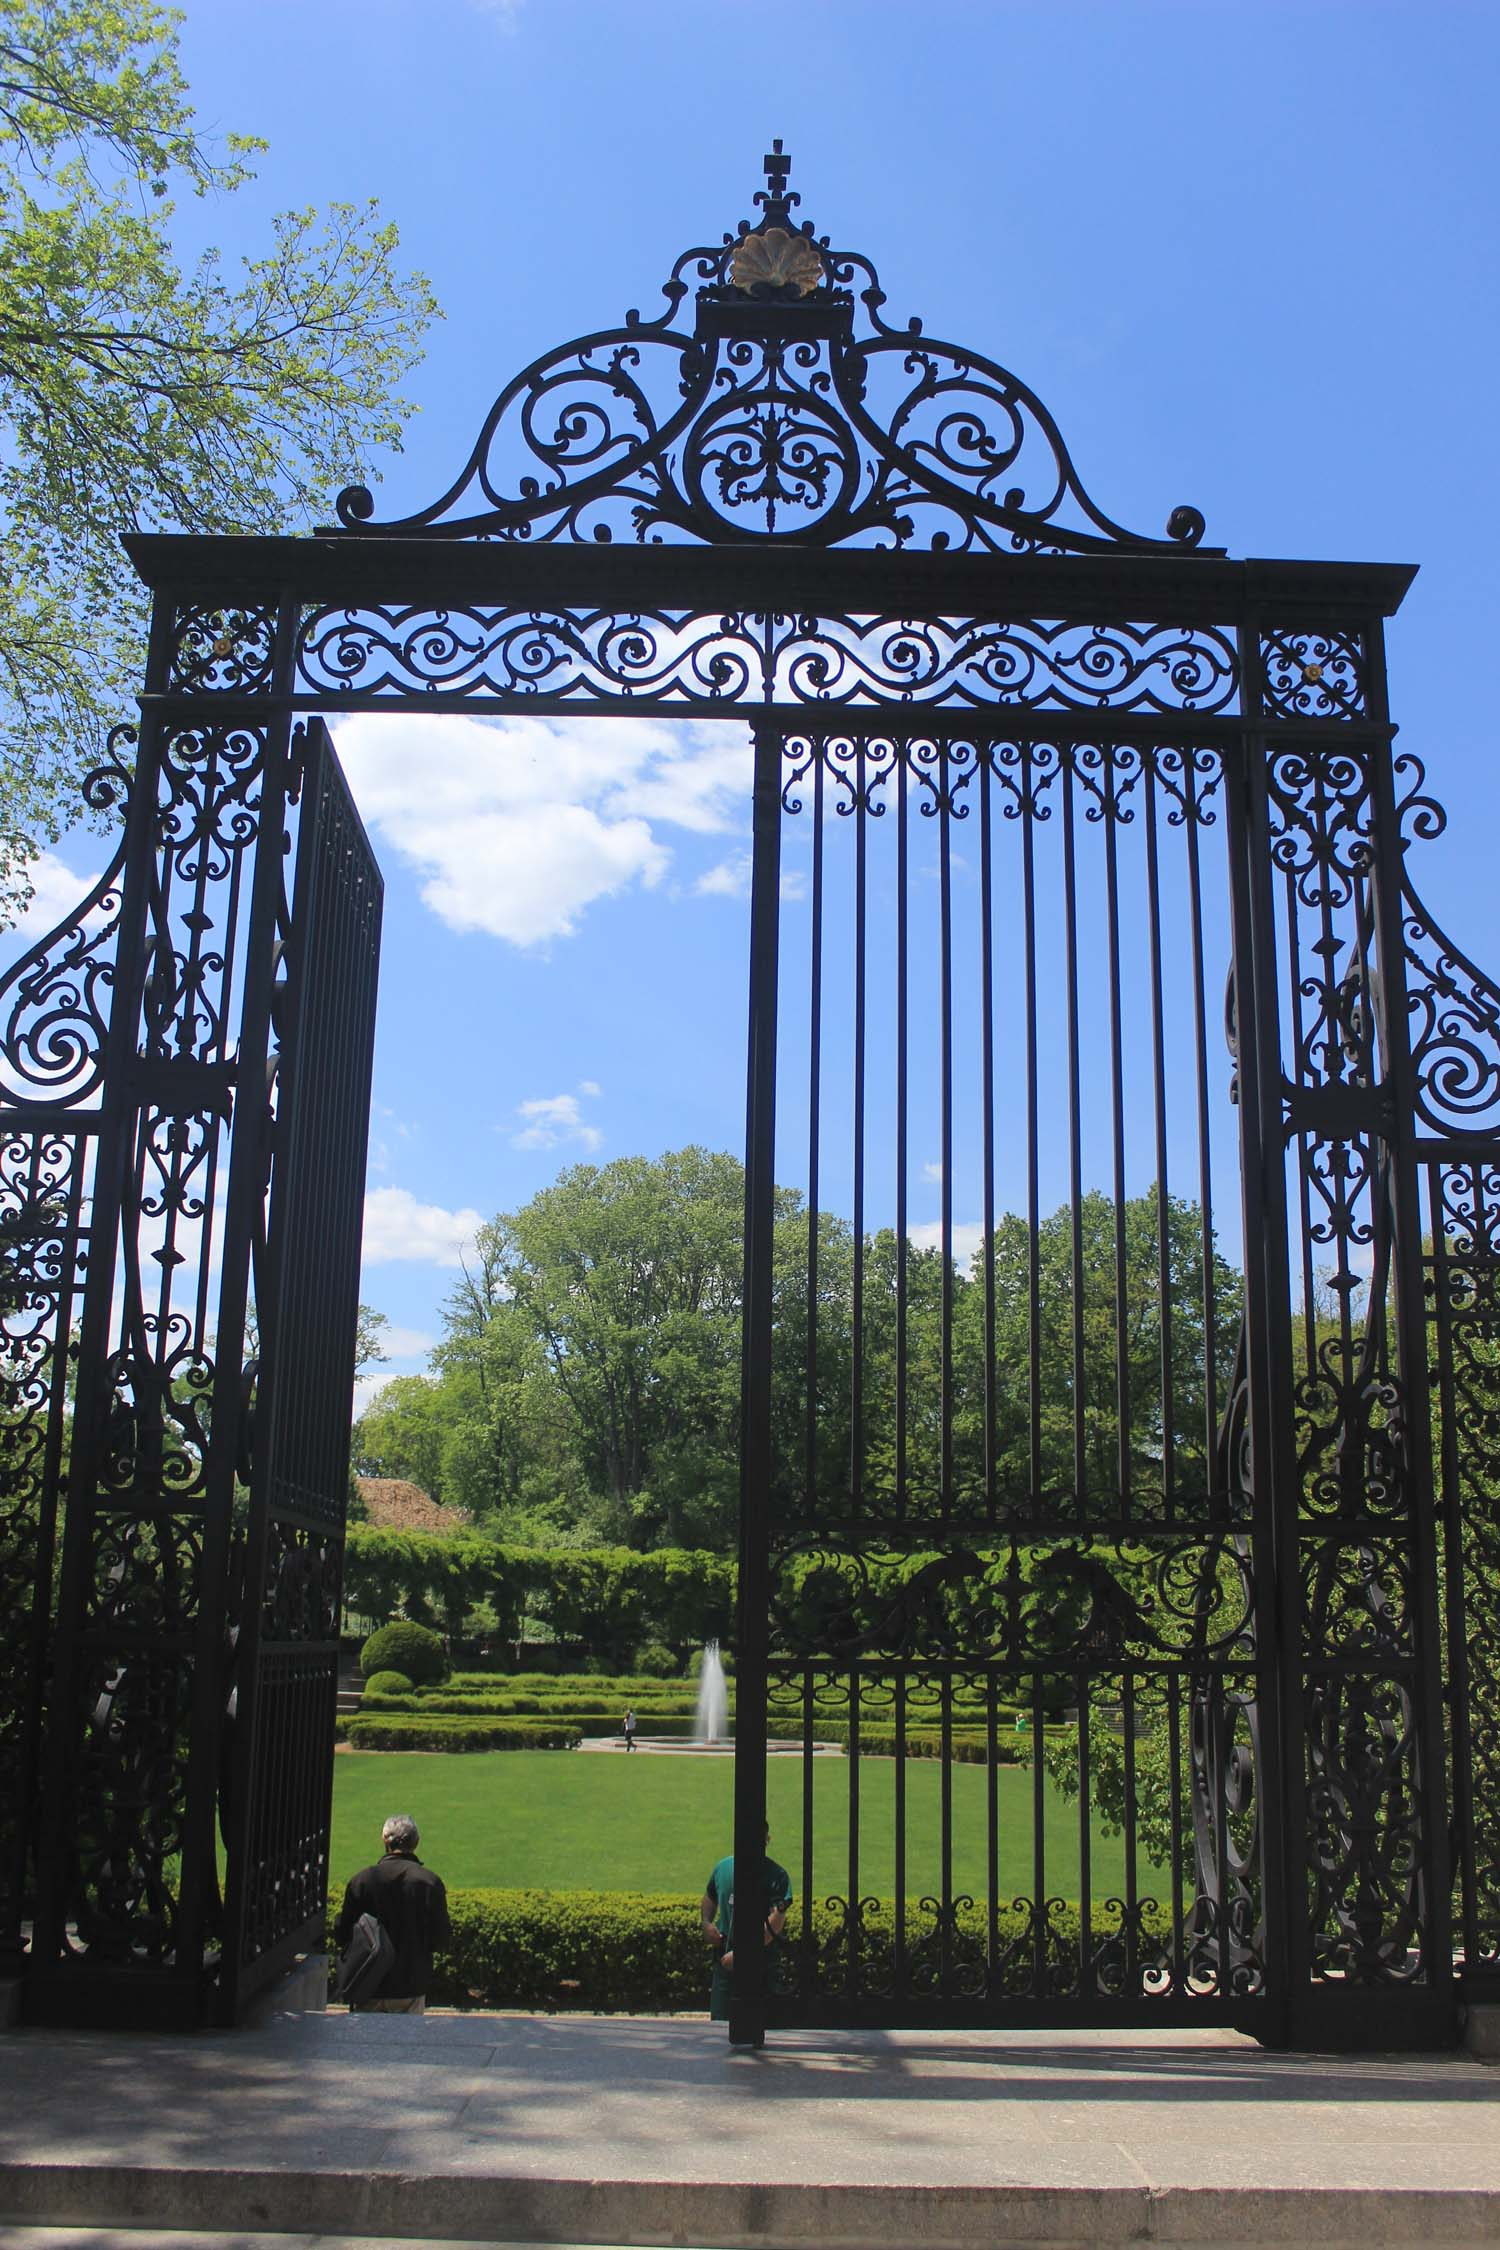 Vanderbilt Gate Central Park Conservatory Garden | Image: Laura Messersmith